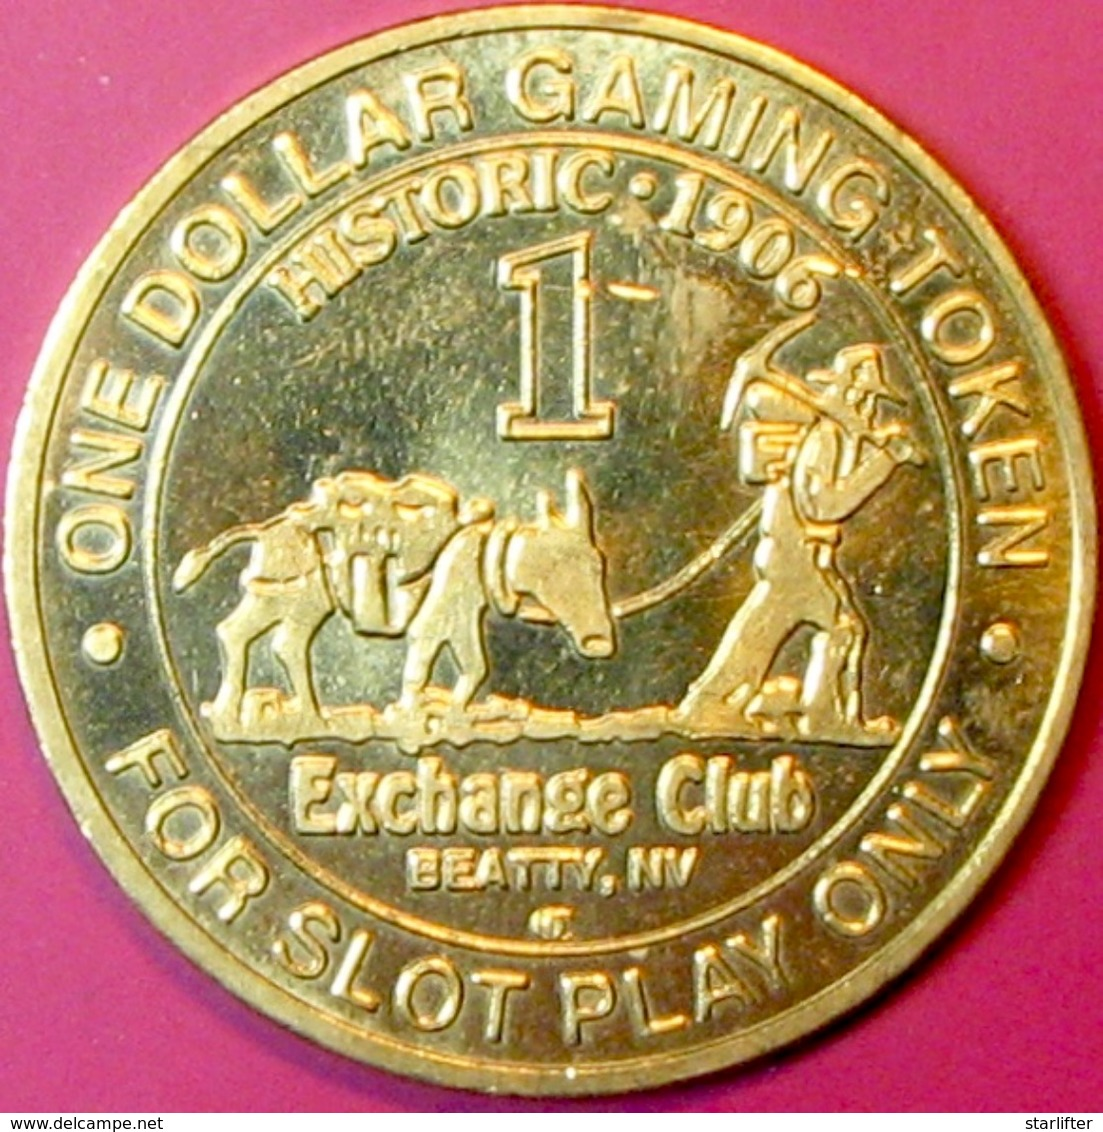 $1 Casino Token. Exchange Club, Beatty, NV. J65. - Casino